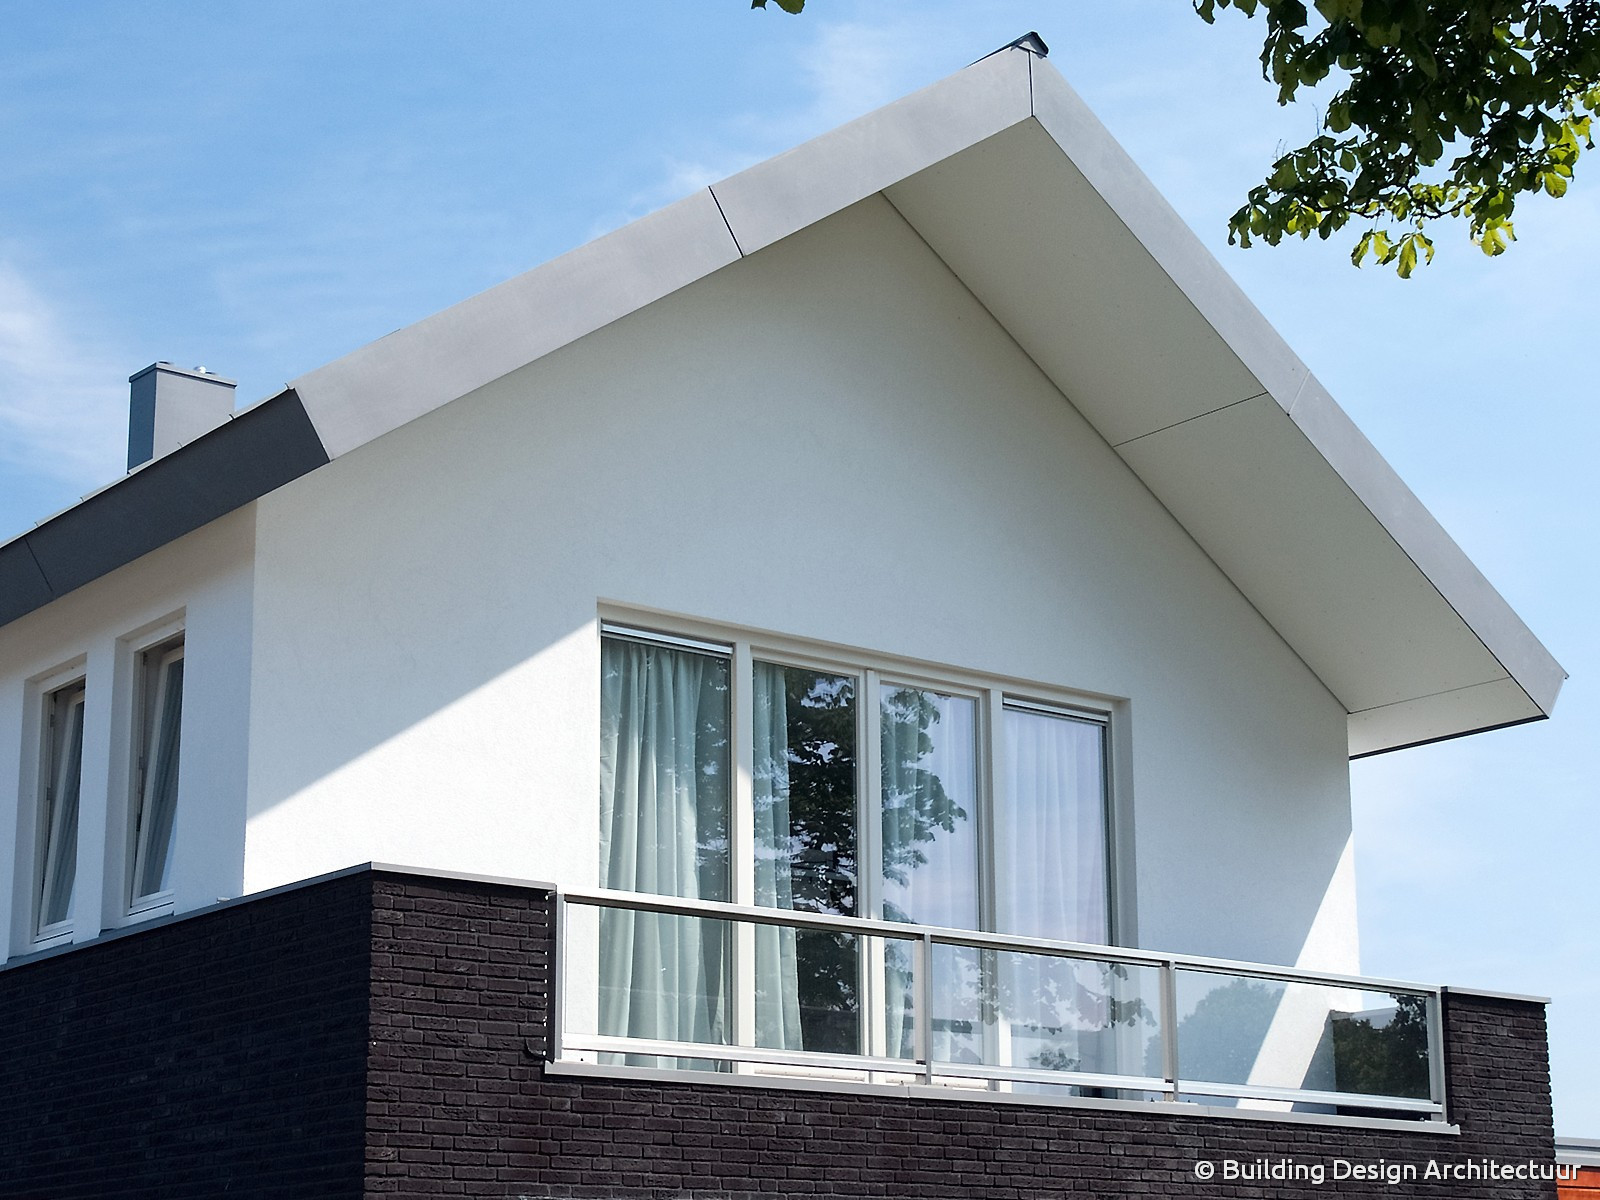 Meest effectief 4265 moderne woning met veel glas behang beste voorbeelden afbeeldingen for Afbeelding van moderne huizen